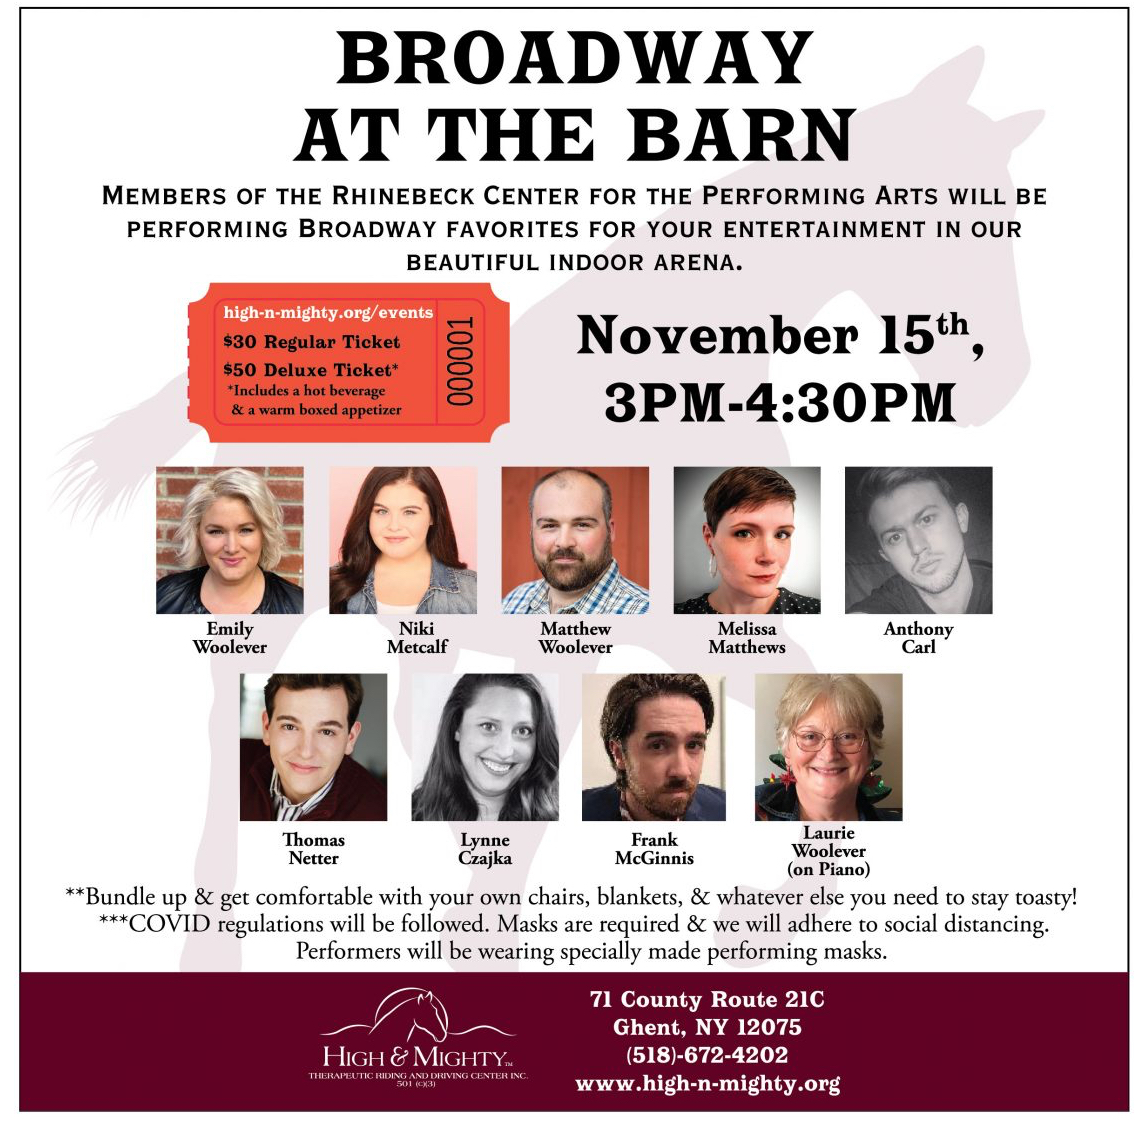 Broadway-at-the-Barn-draft-1187x1536